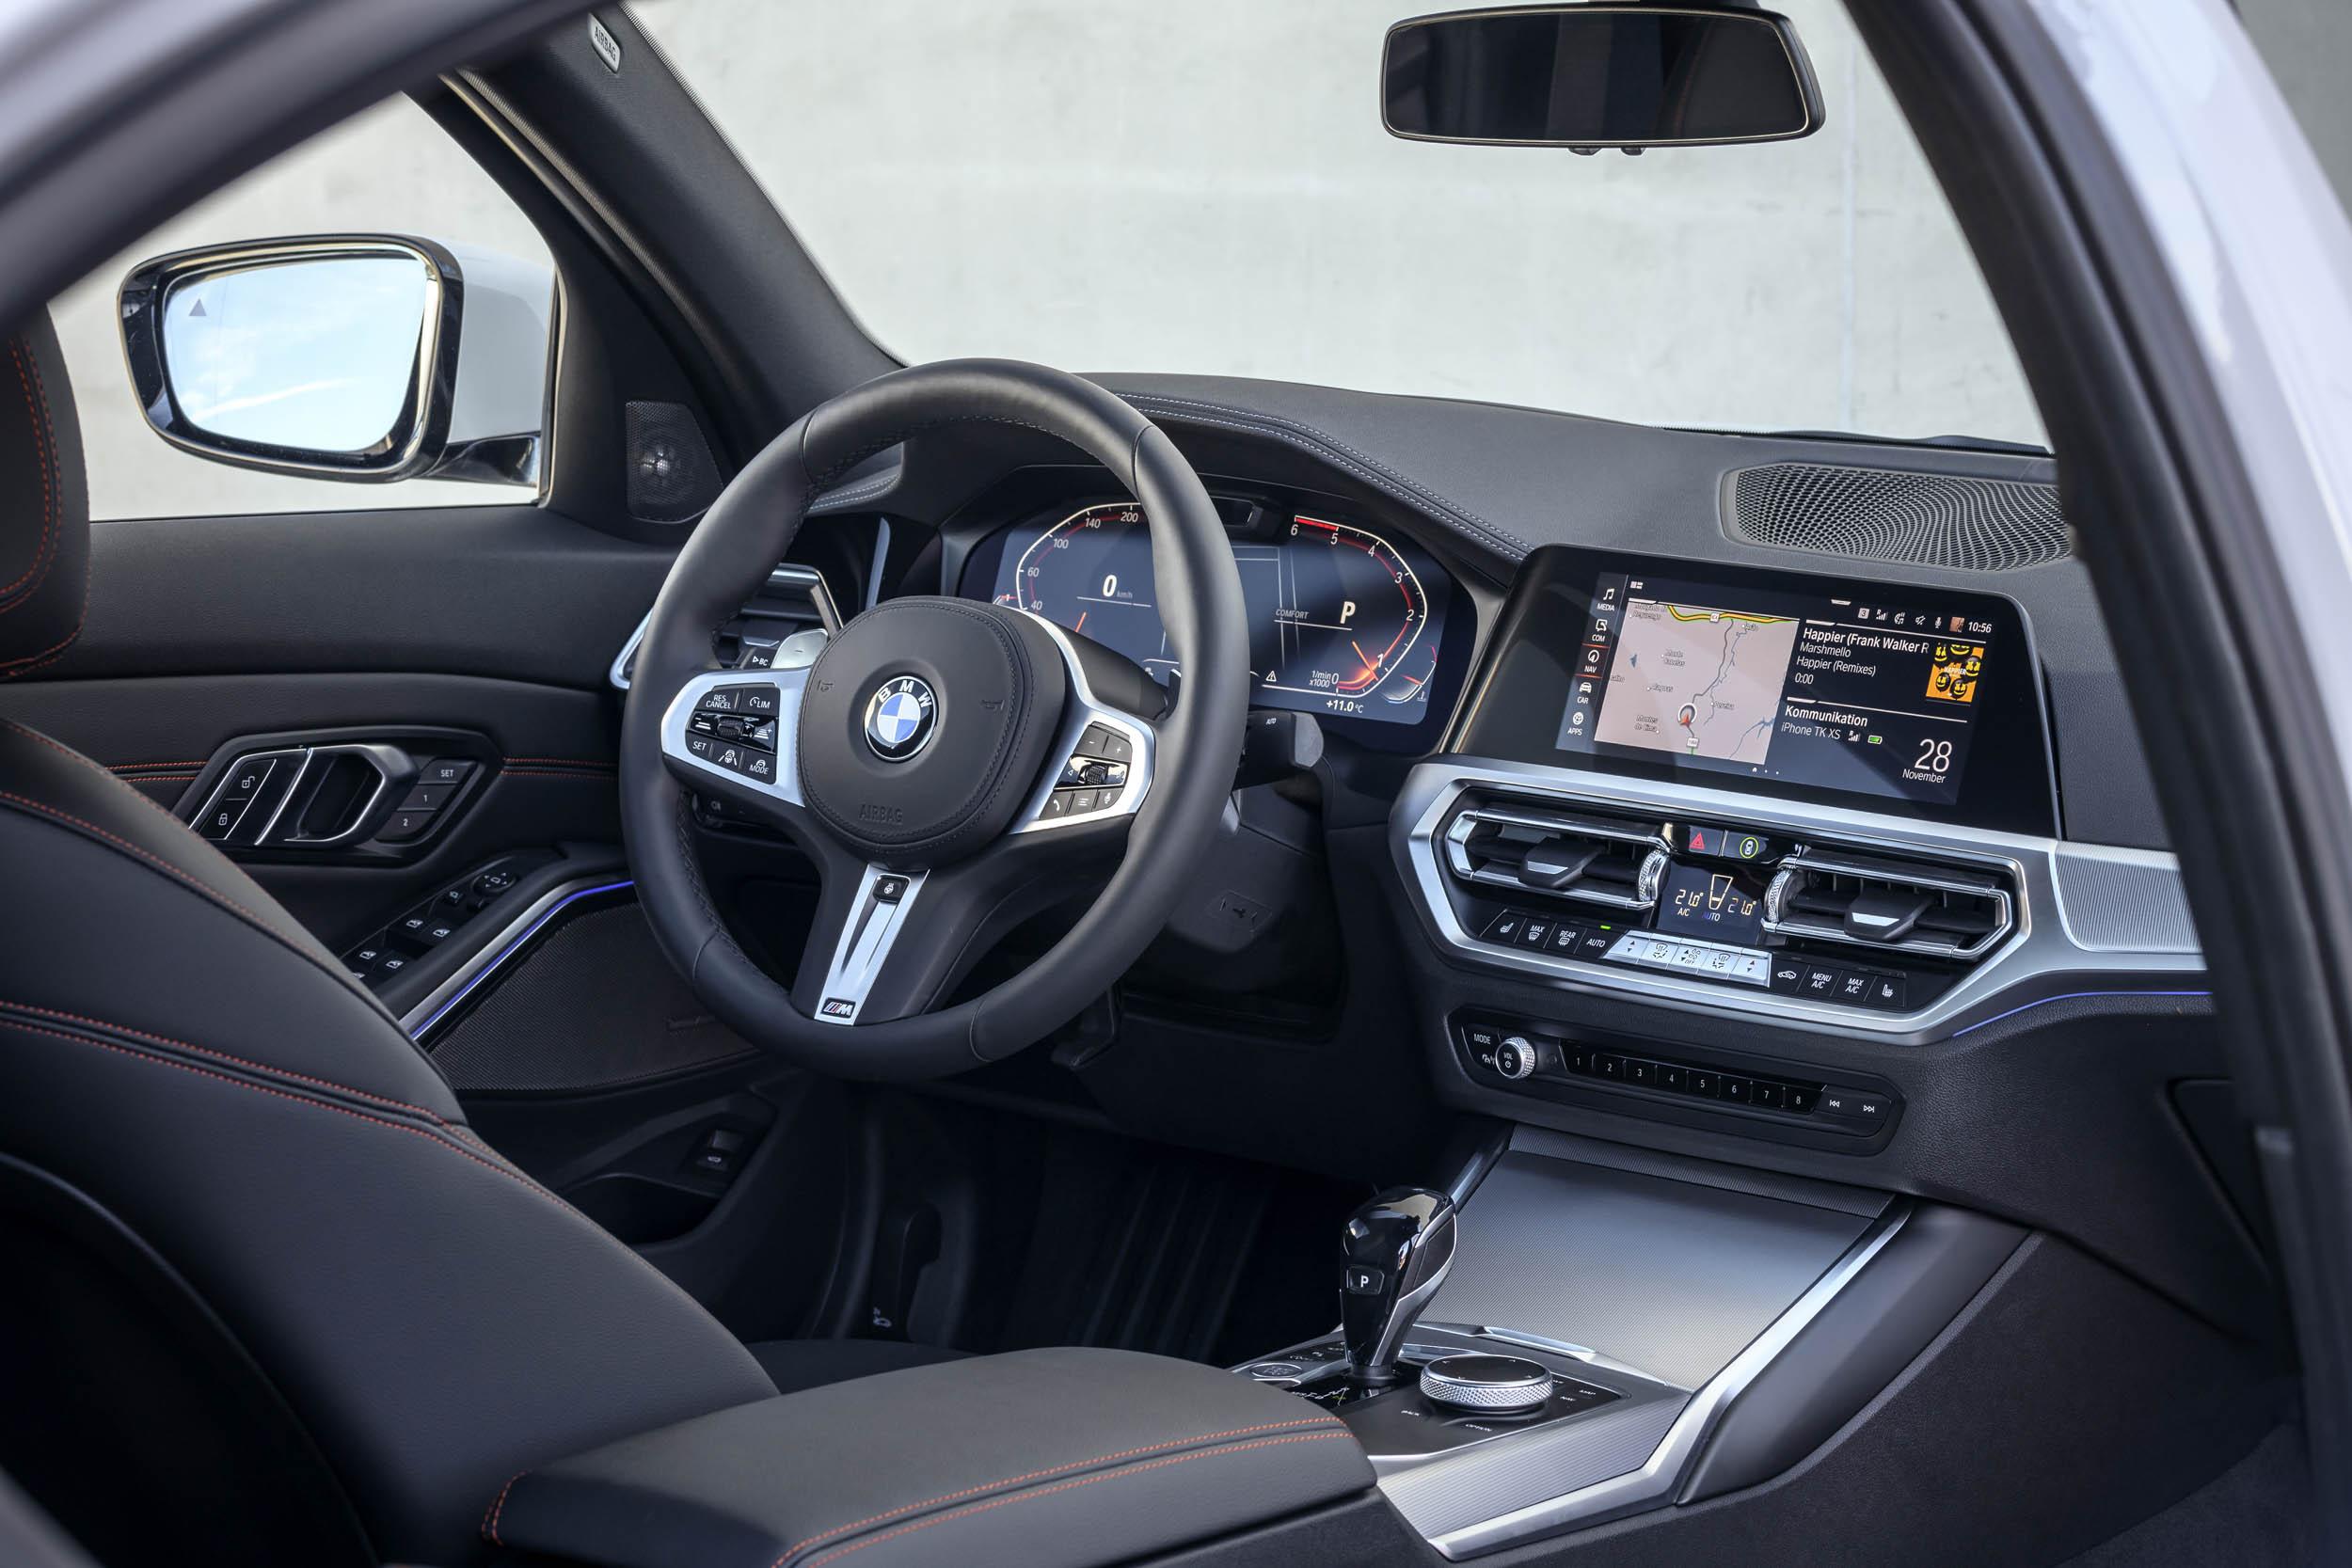 2019 BMW 320d Sport Line cockpit